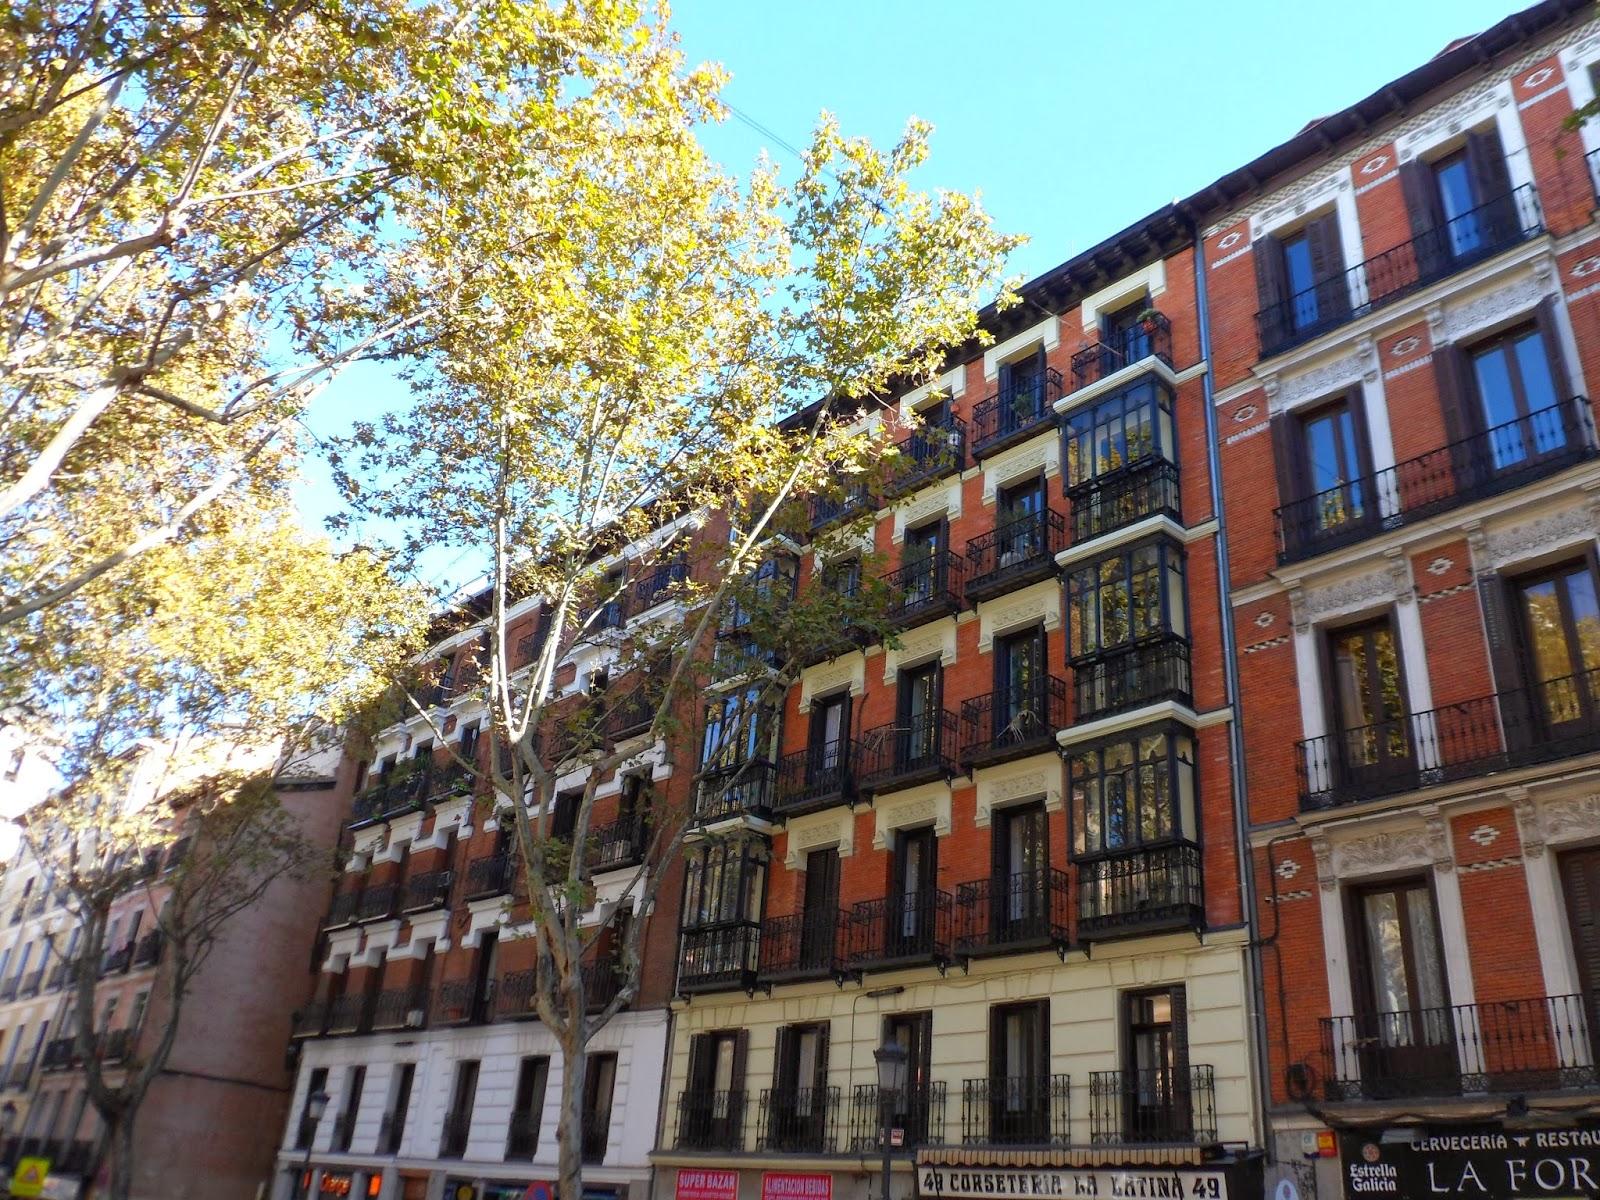 Madrid apartamento centro hist rico madrid de los - Centro historico de madrid ...